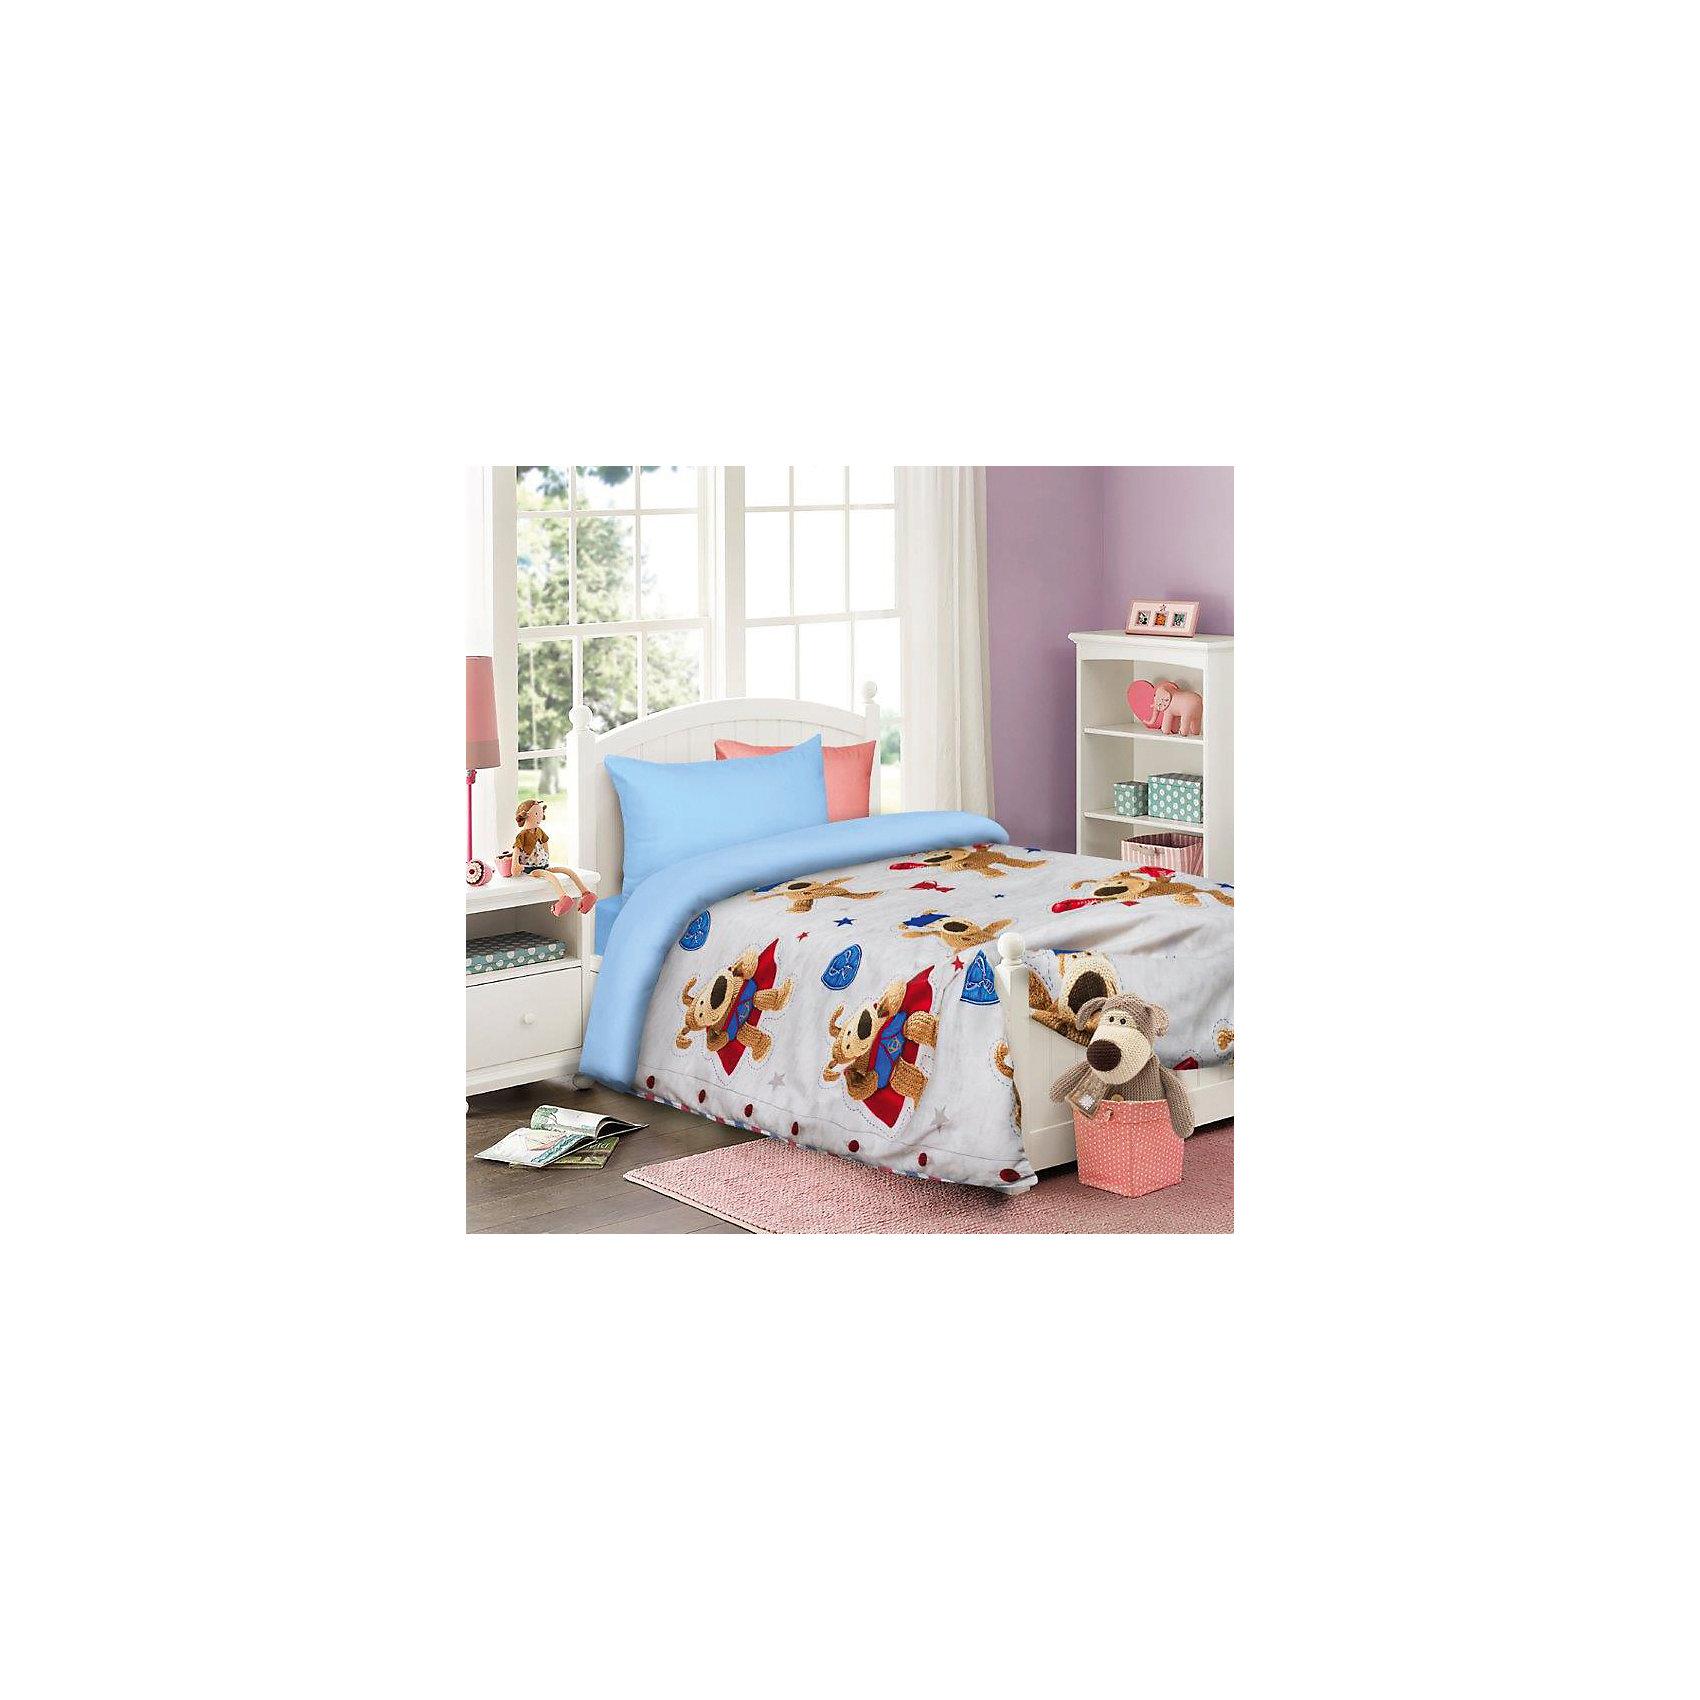 Постельное белье детское Буфл, 1,5-спальный (на сером, 50*70)Домашний текстиль<br>Прекрасный комплект постельного белья с яркими и красочными персонажами любимых мультфильмов.<br><br>Дополнительная информация:<br><br>- Используется только высококачественный материал и безопасные красители<br>- Ткань - бязь (100% хлопок),<br>- Производство: Россия. Товар сертифицирован.<br>- Размер:  Пододеяльник 145х210; простынь, 150х215; наволочка 50х70. <br>Размер в упаковке: 25х4,5х33 см.<br>Вес в упаковке: 1150 г.<br><br>Сделайте  приятный сюрприз своему малышу!<br><br>Детский комплект Boofle на сером можно купить в нашем магазине.<br><br>Ширина мм: 250<br>Глубина мм: 45<br>Высота мм: 330<br>Вес г: 1150<br>Возраст от месяцев: 36<br>Возраст до месяцев: 144<br>Пол: Мужской<br>Возраст: Детский<br>SKU: 4724680